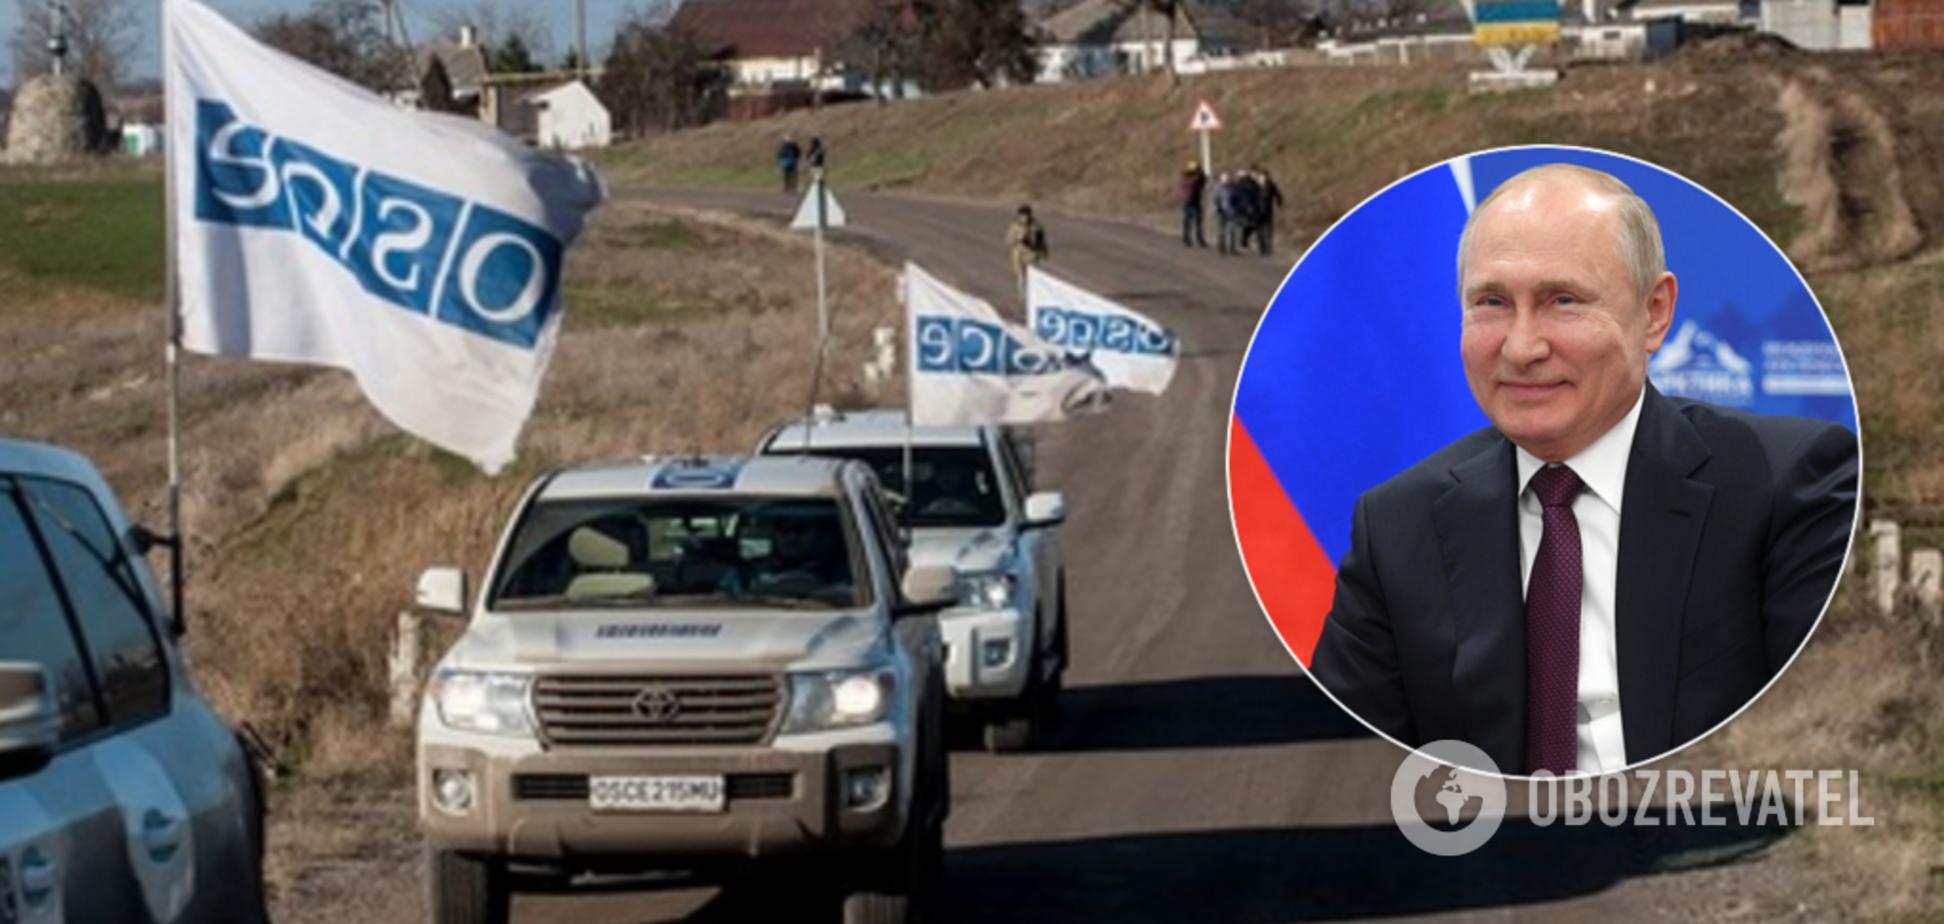 Подыгрывают Путину? Штаб ООС сделал заявление о подлости ОБСЕ на Донбассе